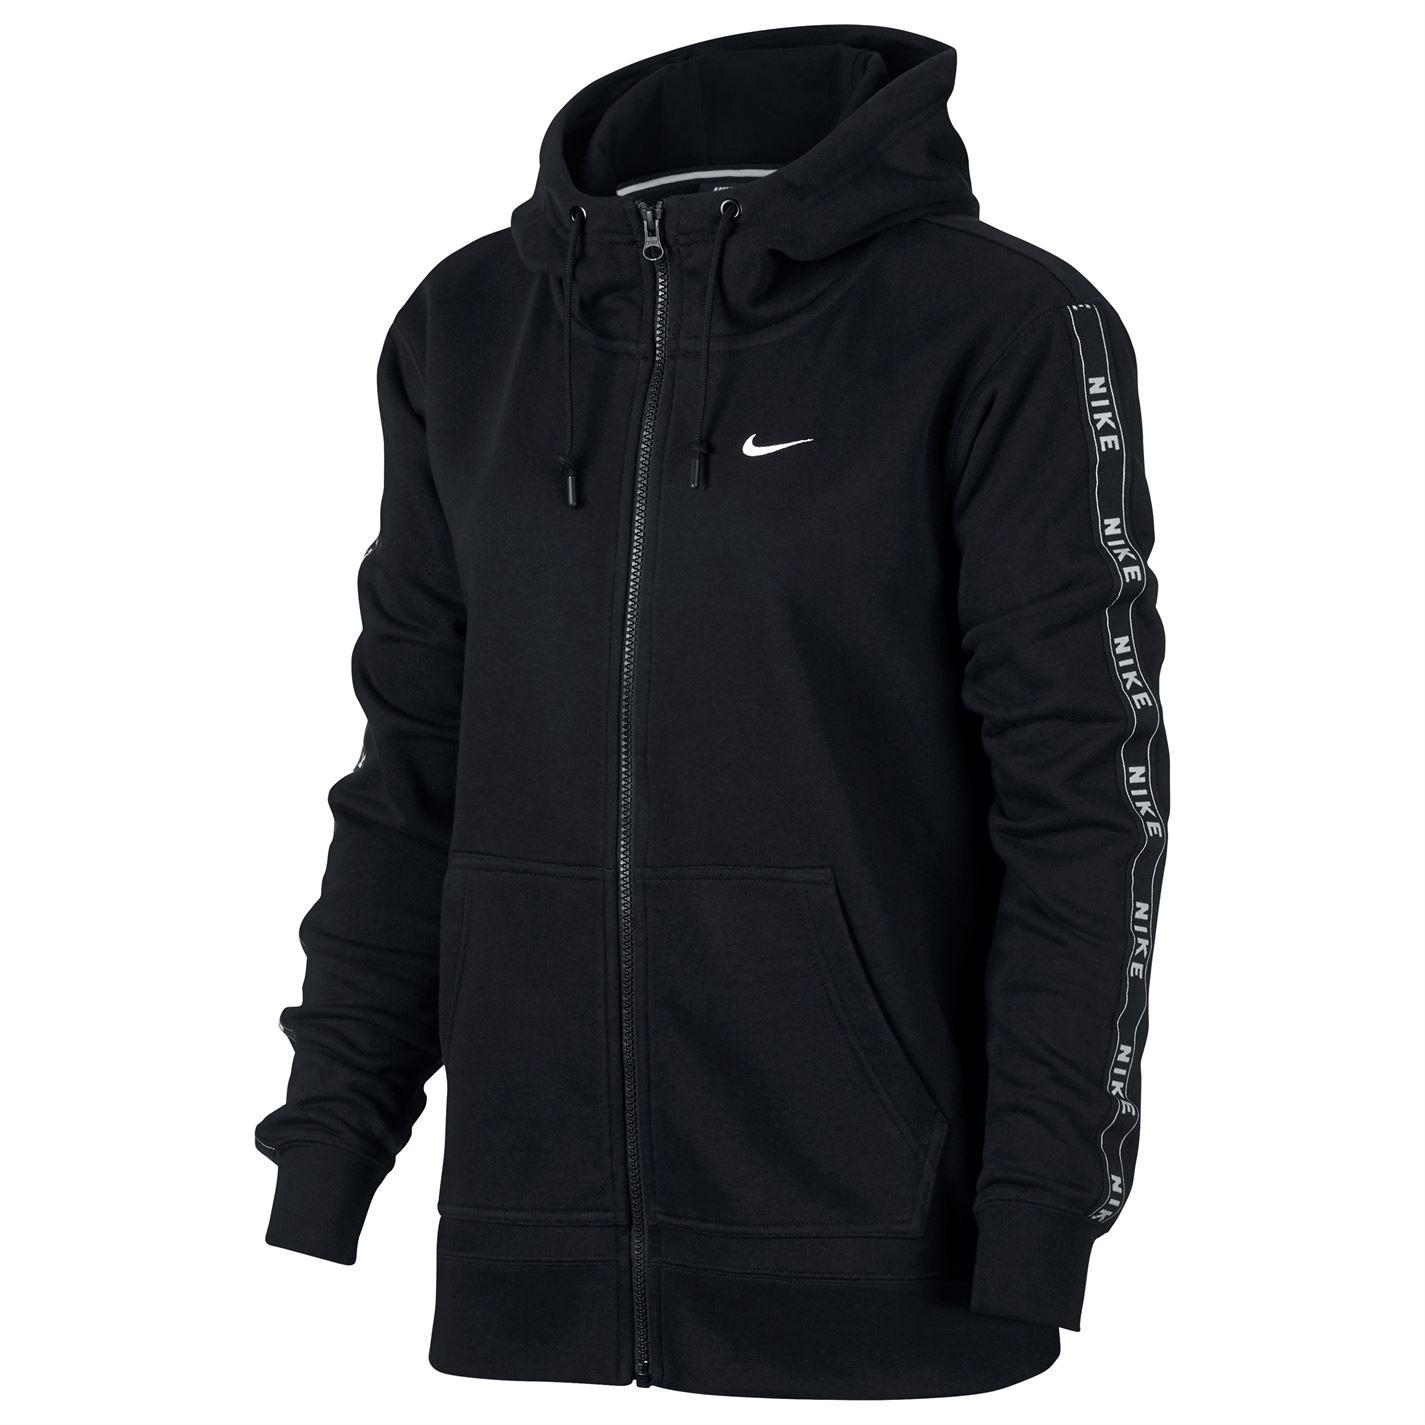 Nike Sportswear dámska mikina